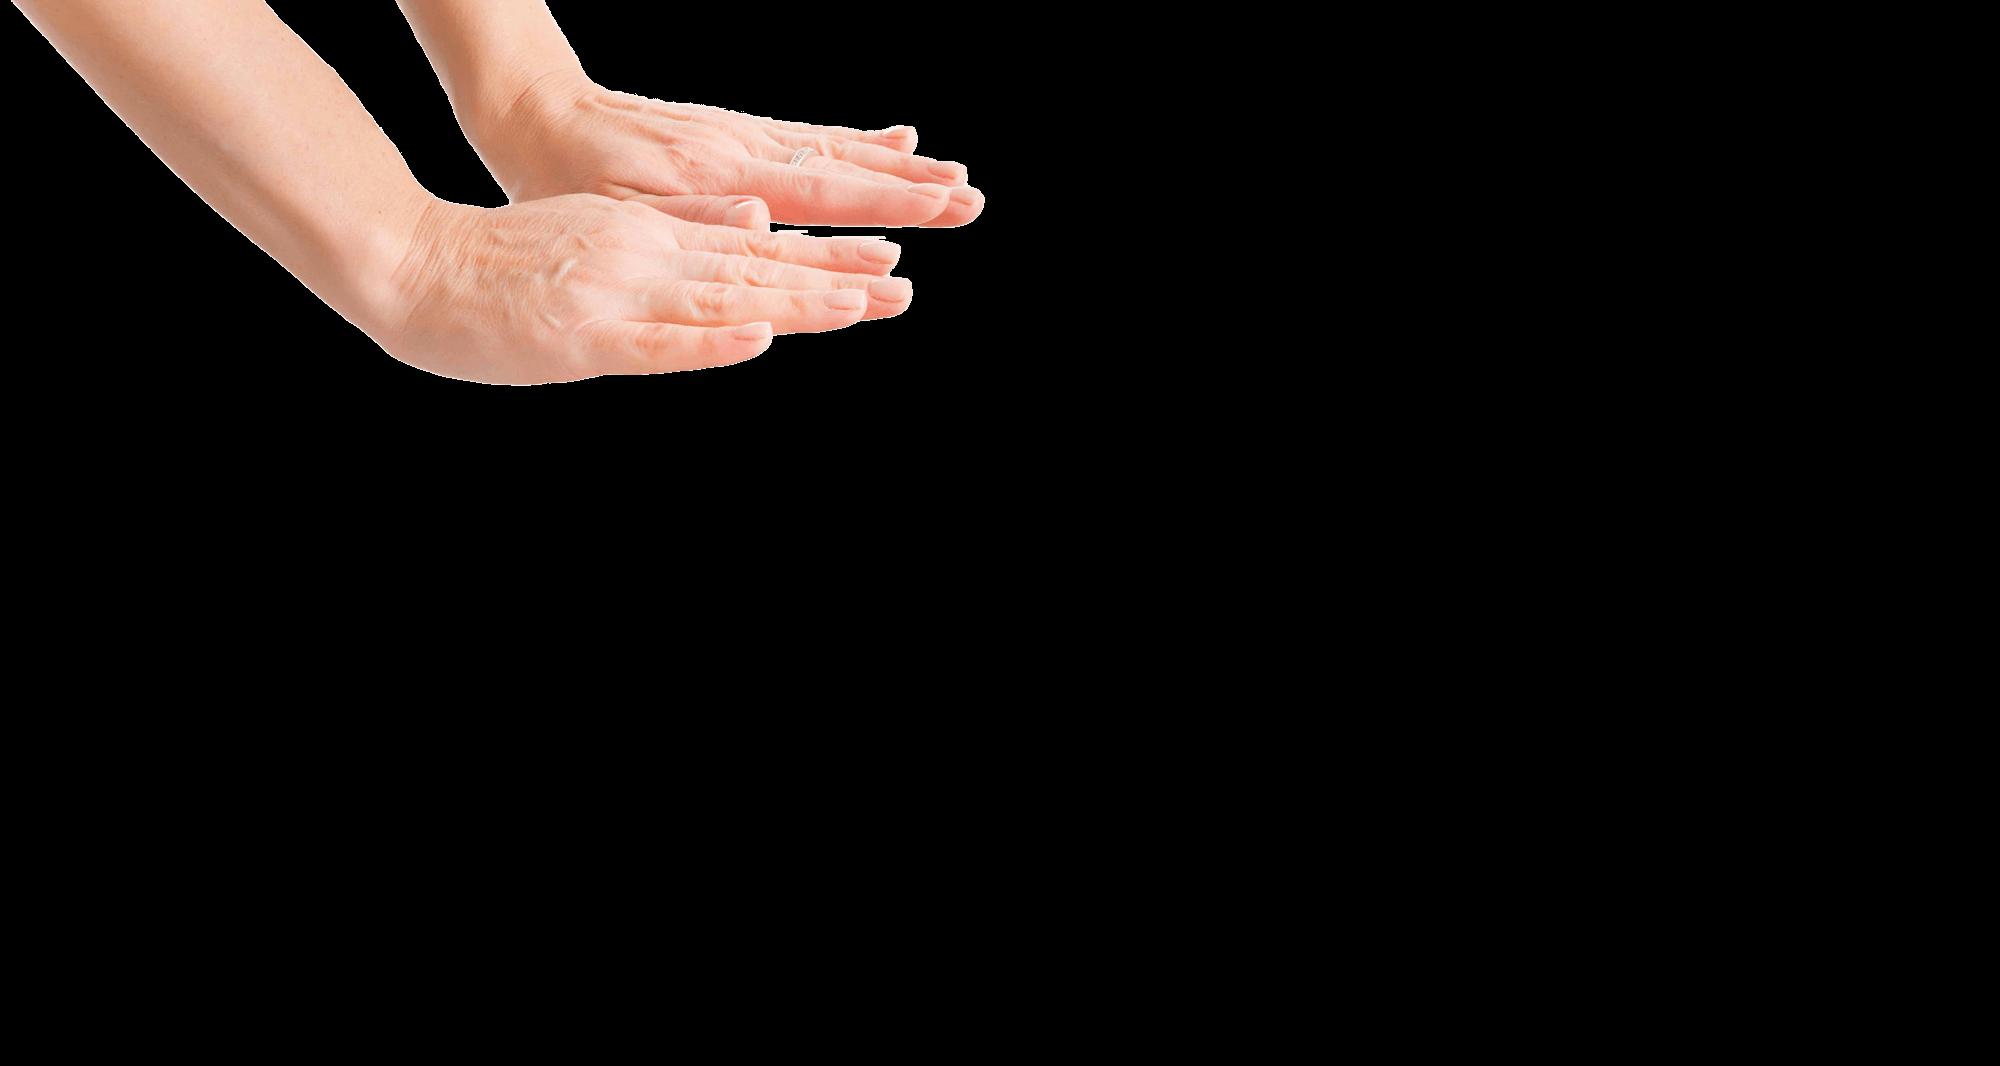 prana-healing-hands-1.png